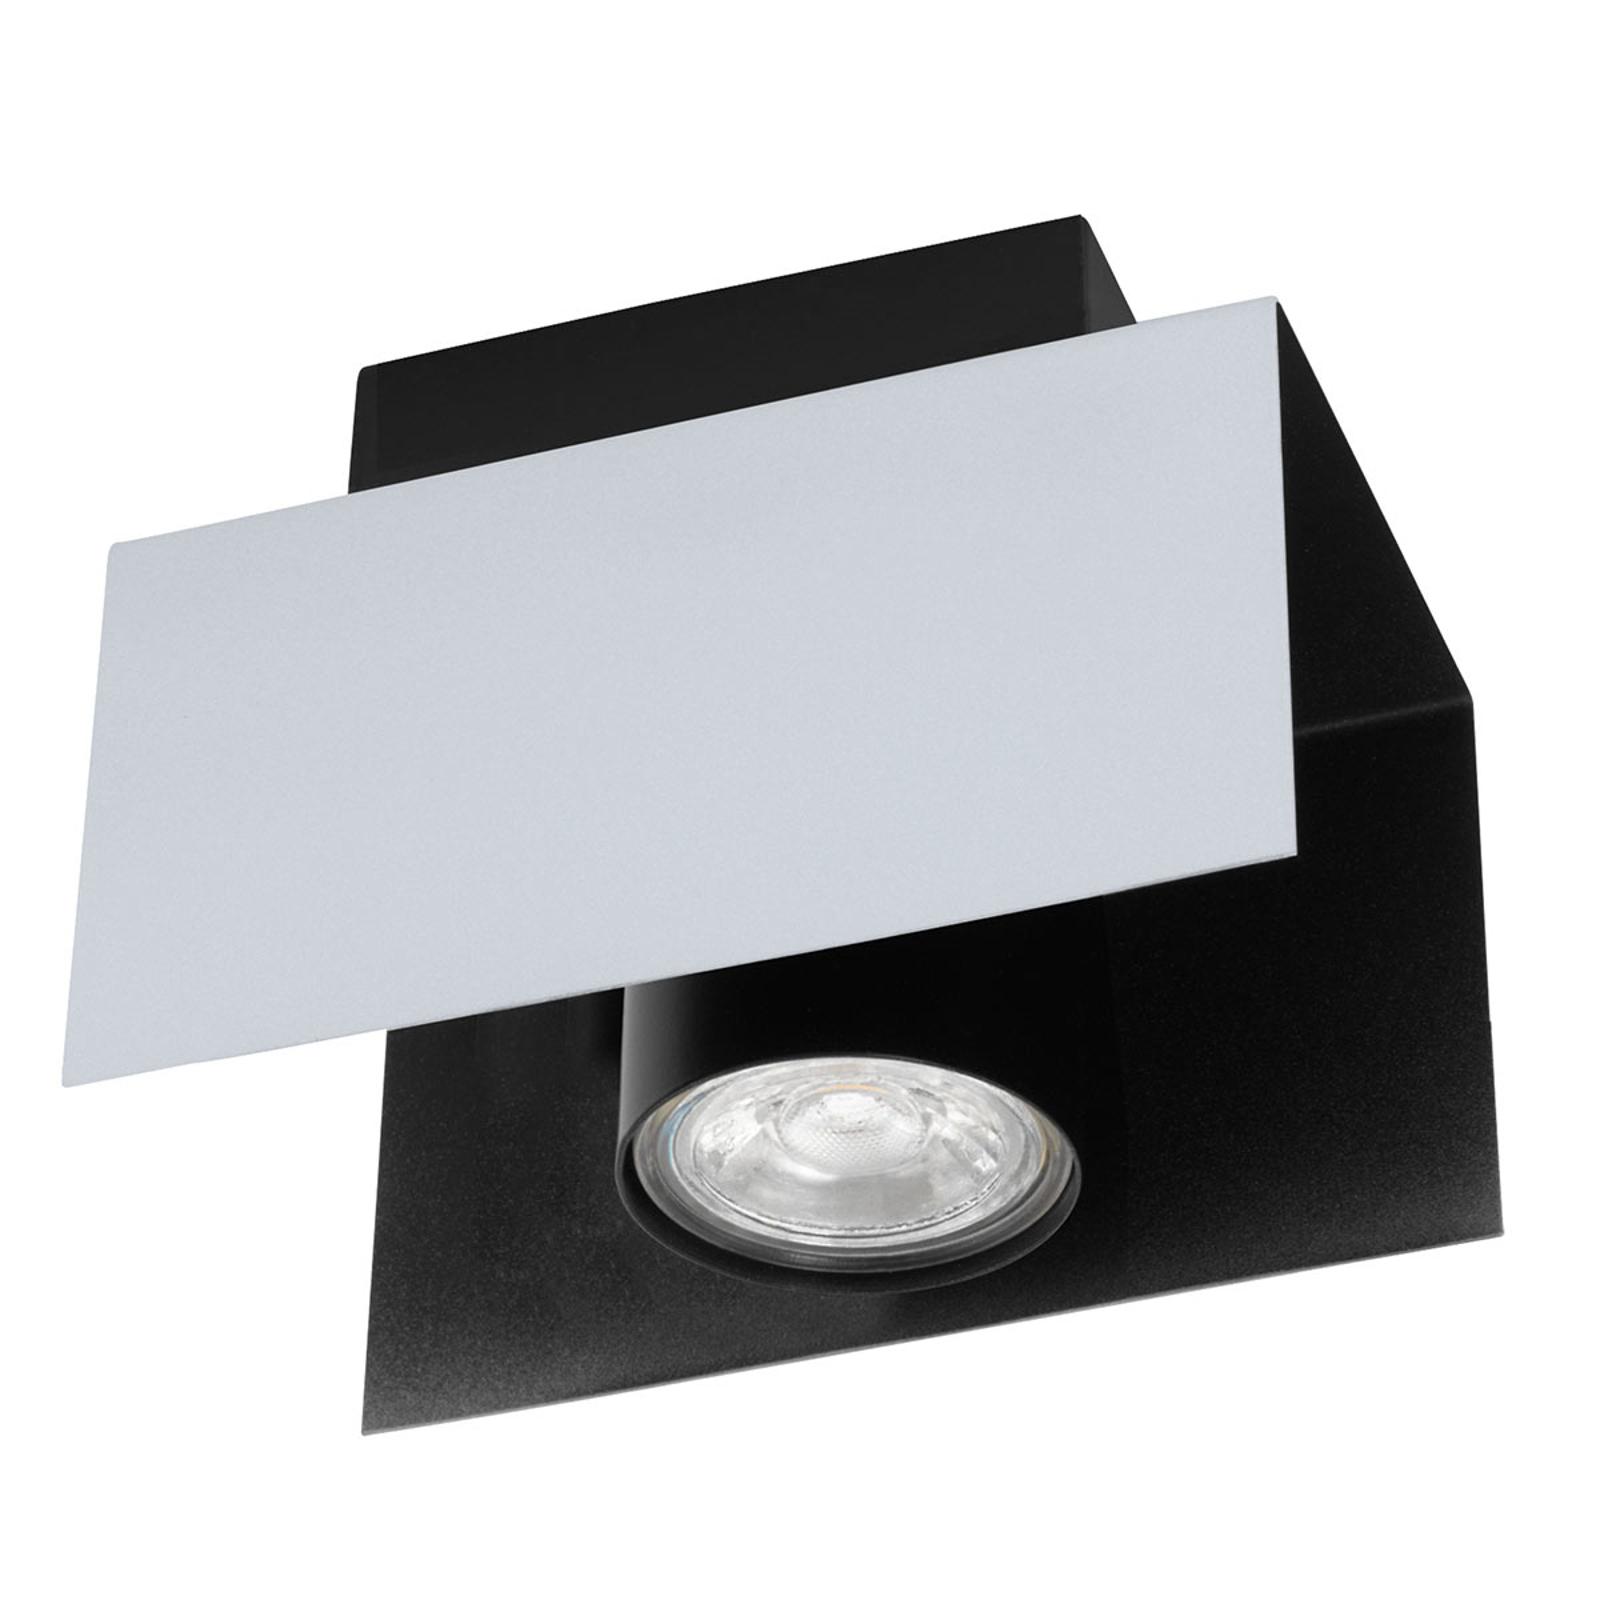 LED plafondlamp Viserba 12cm